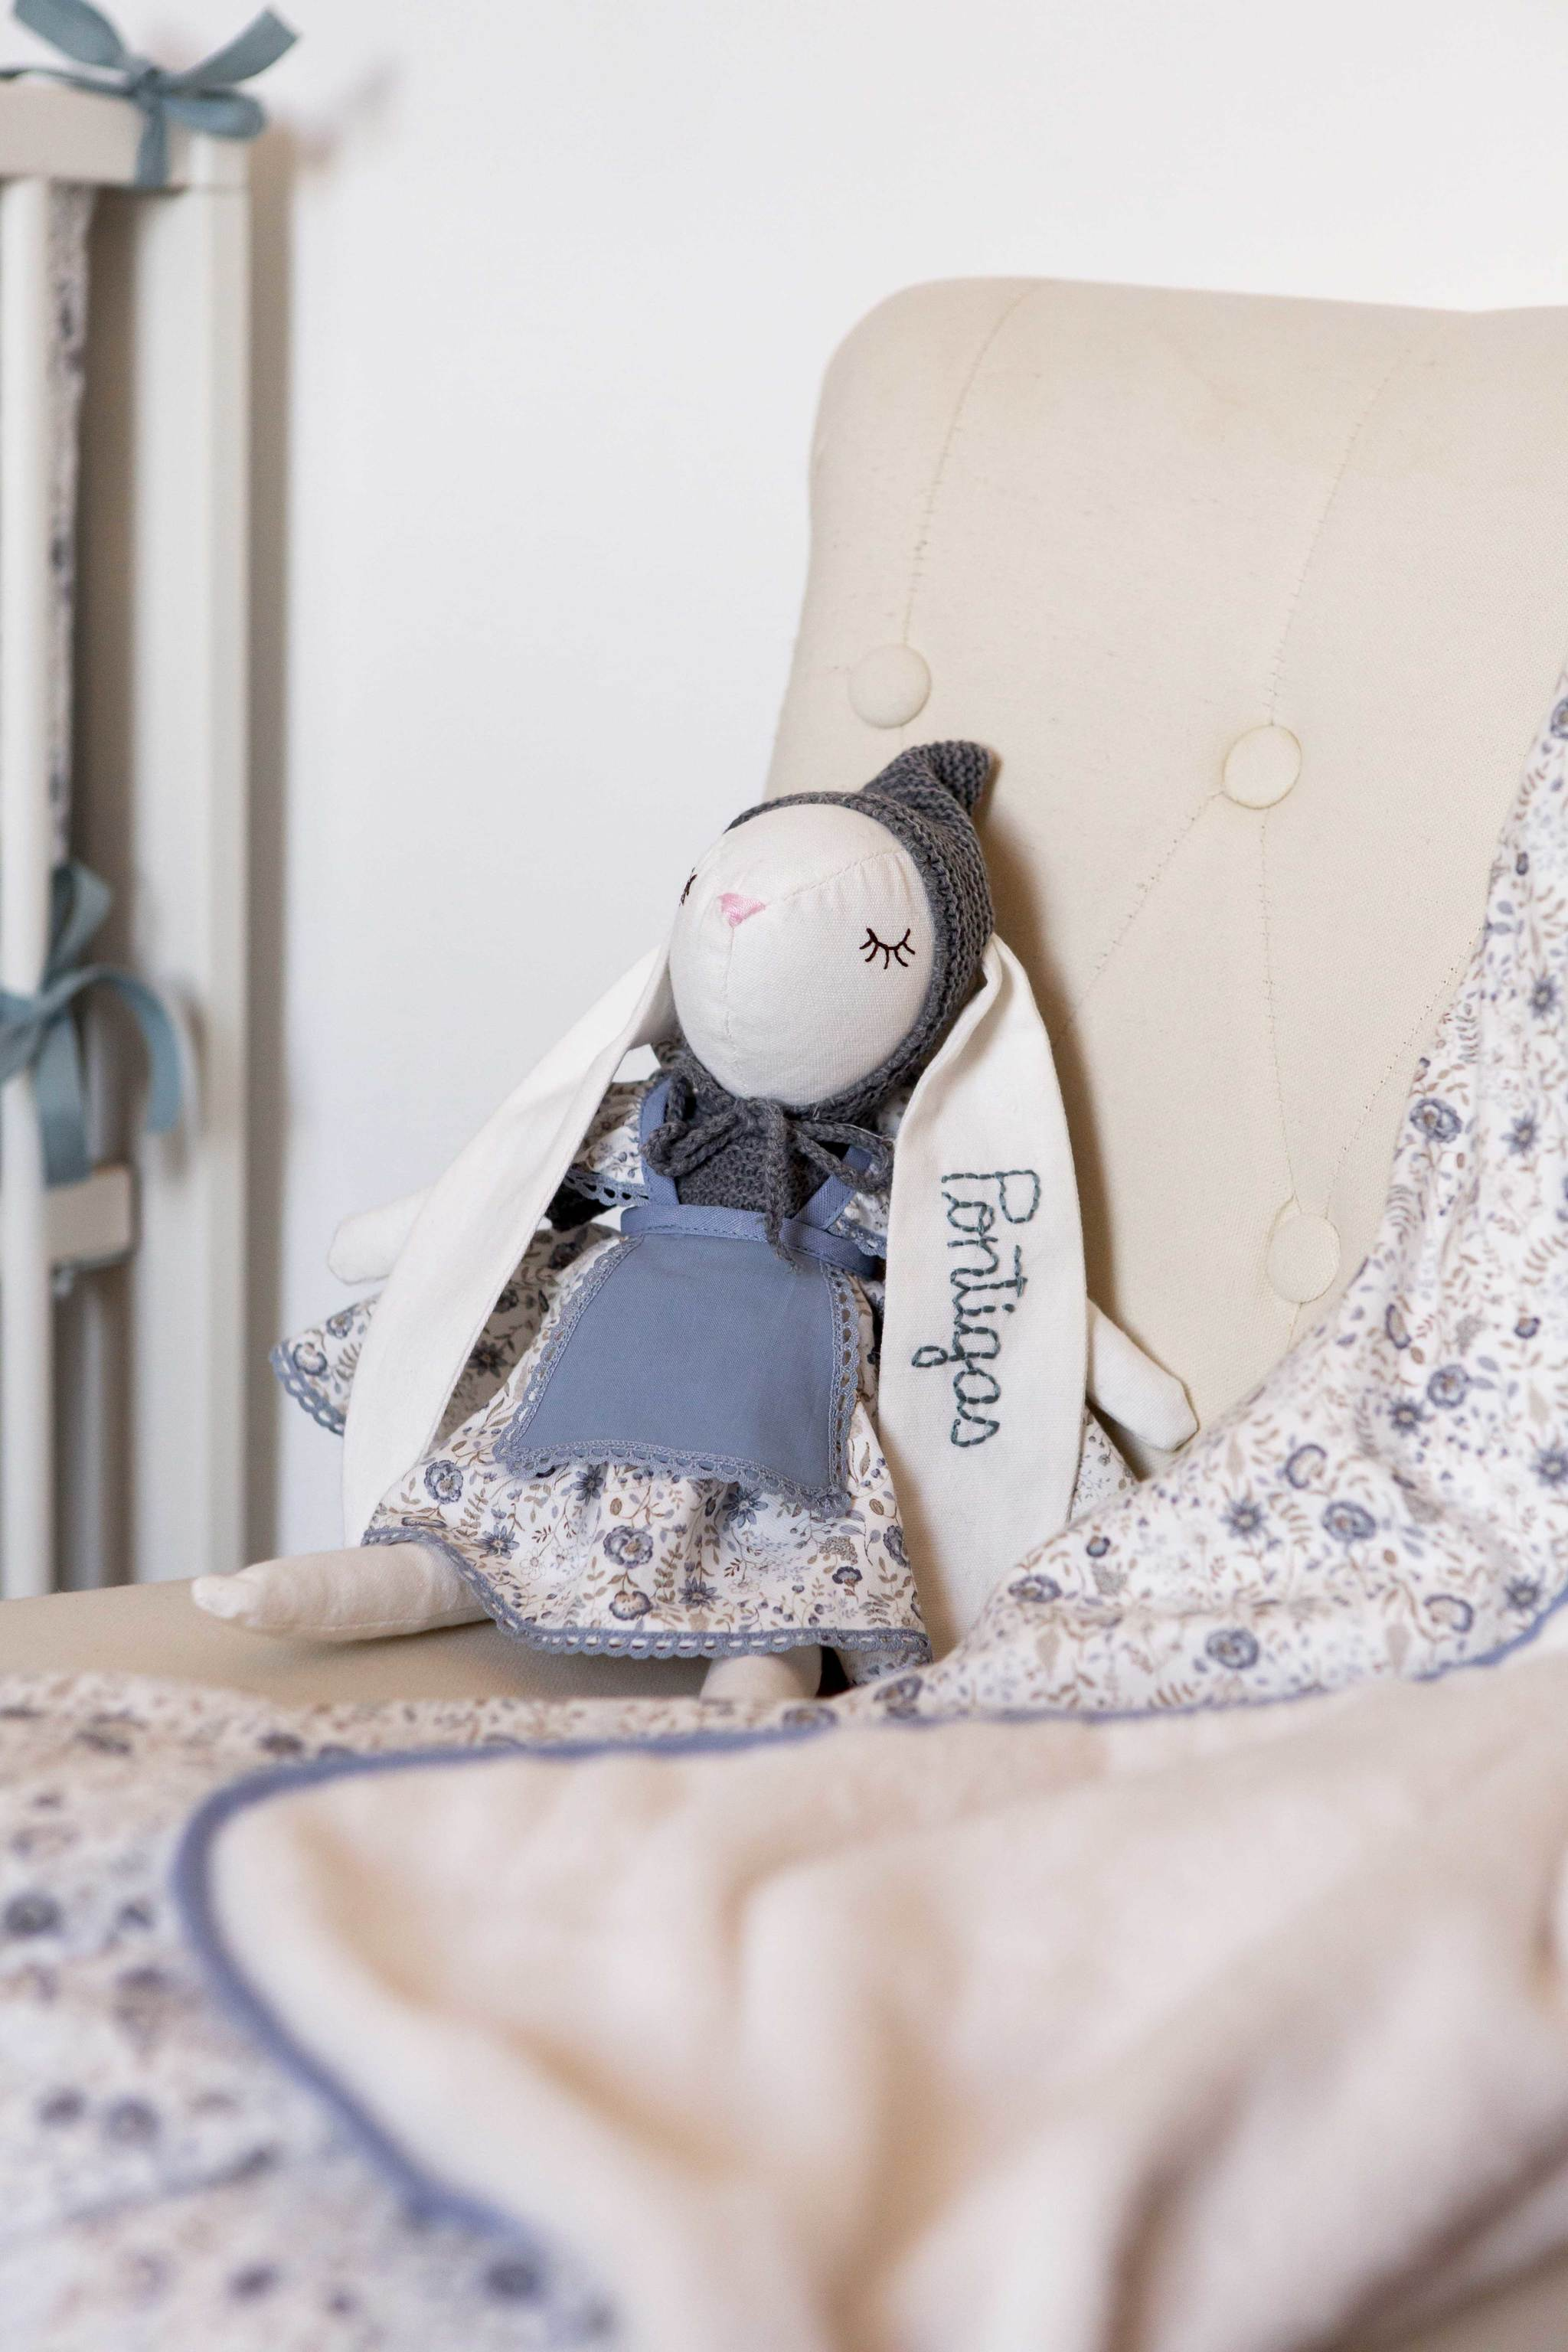 """Pontigas """"un lugar en el que crecer, compartir y disfrutar"""" estará disponible a partir del 6 de septiembre en www.pontigas.com"""